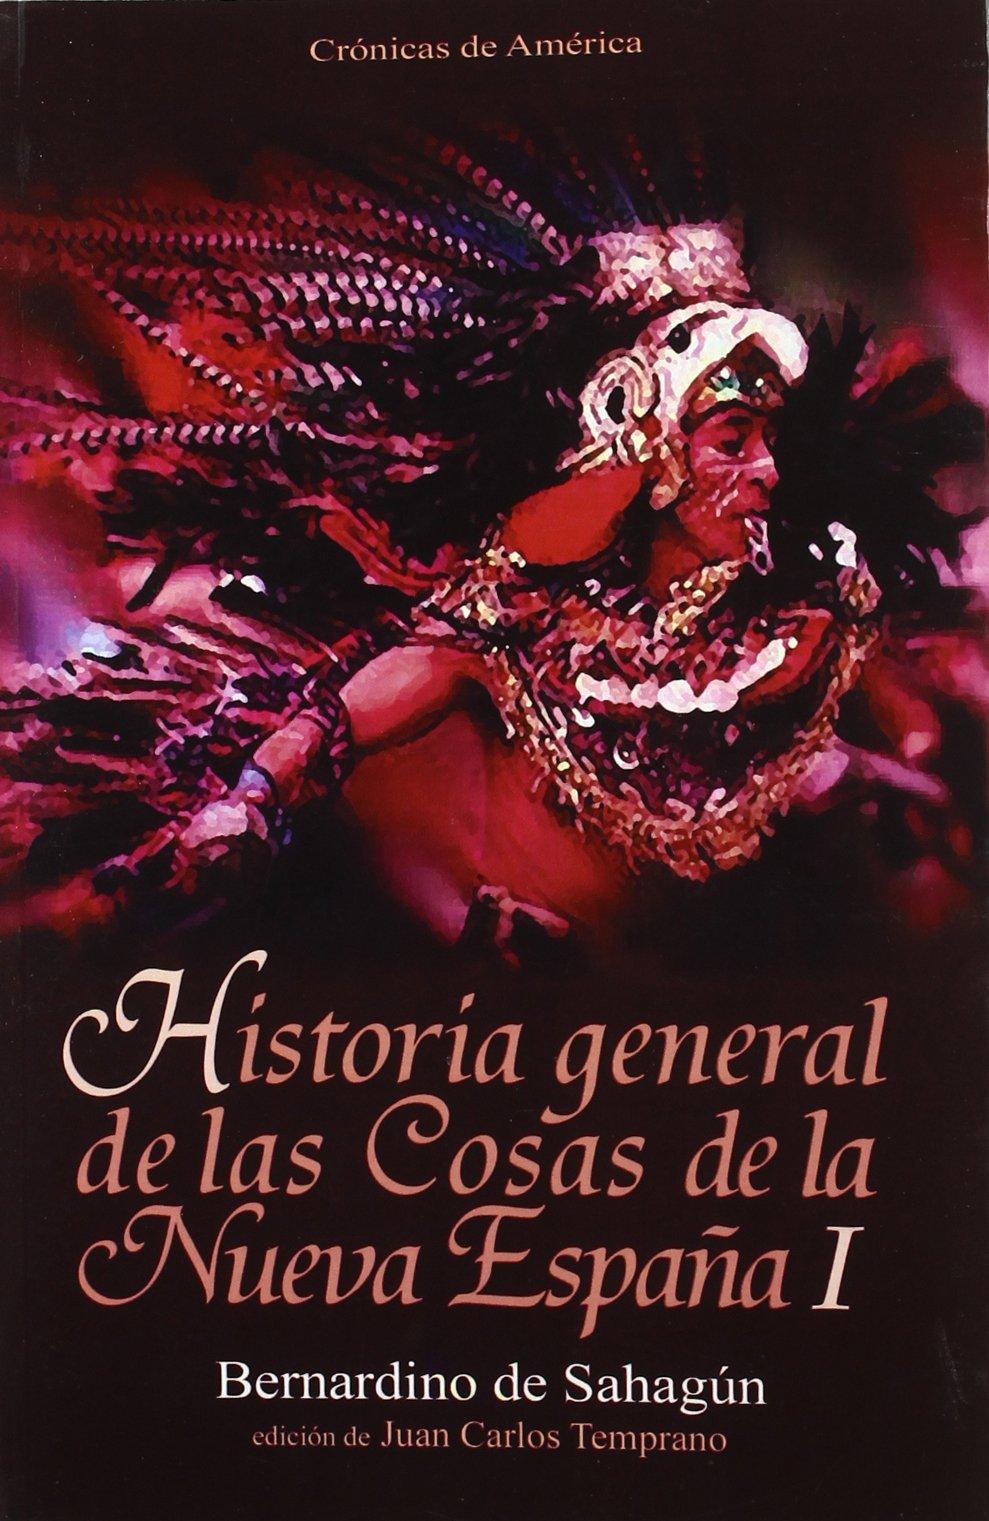 Historia general de las cosas de la Nueva España I: Amazon.es: Bernardino de Sahagún: Libros